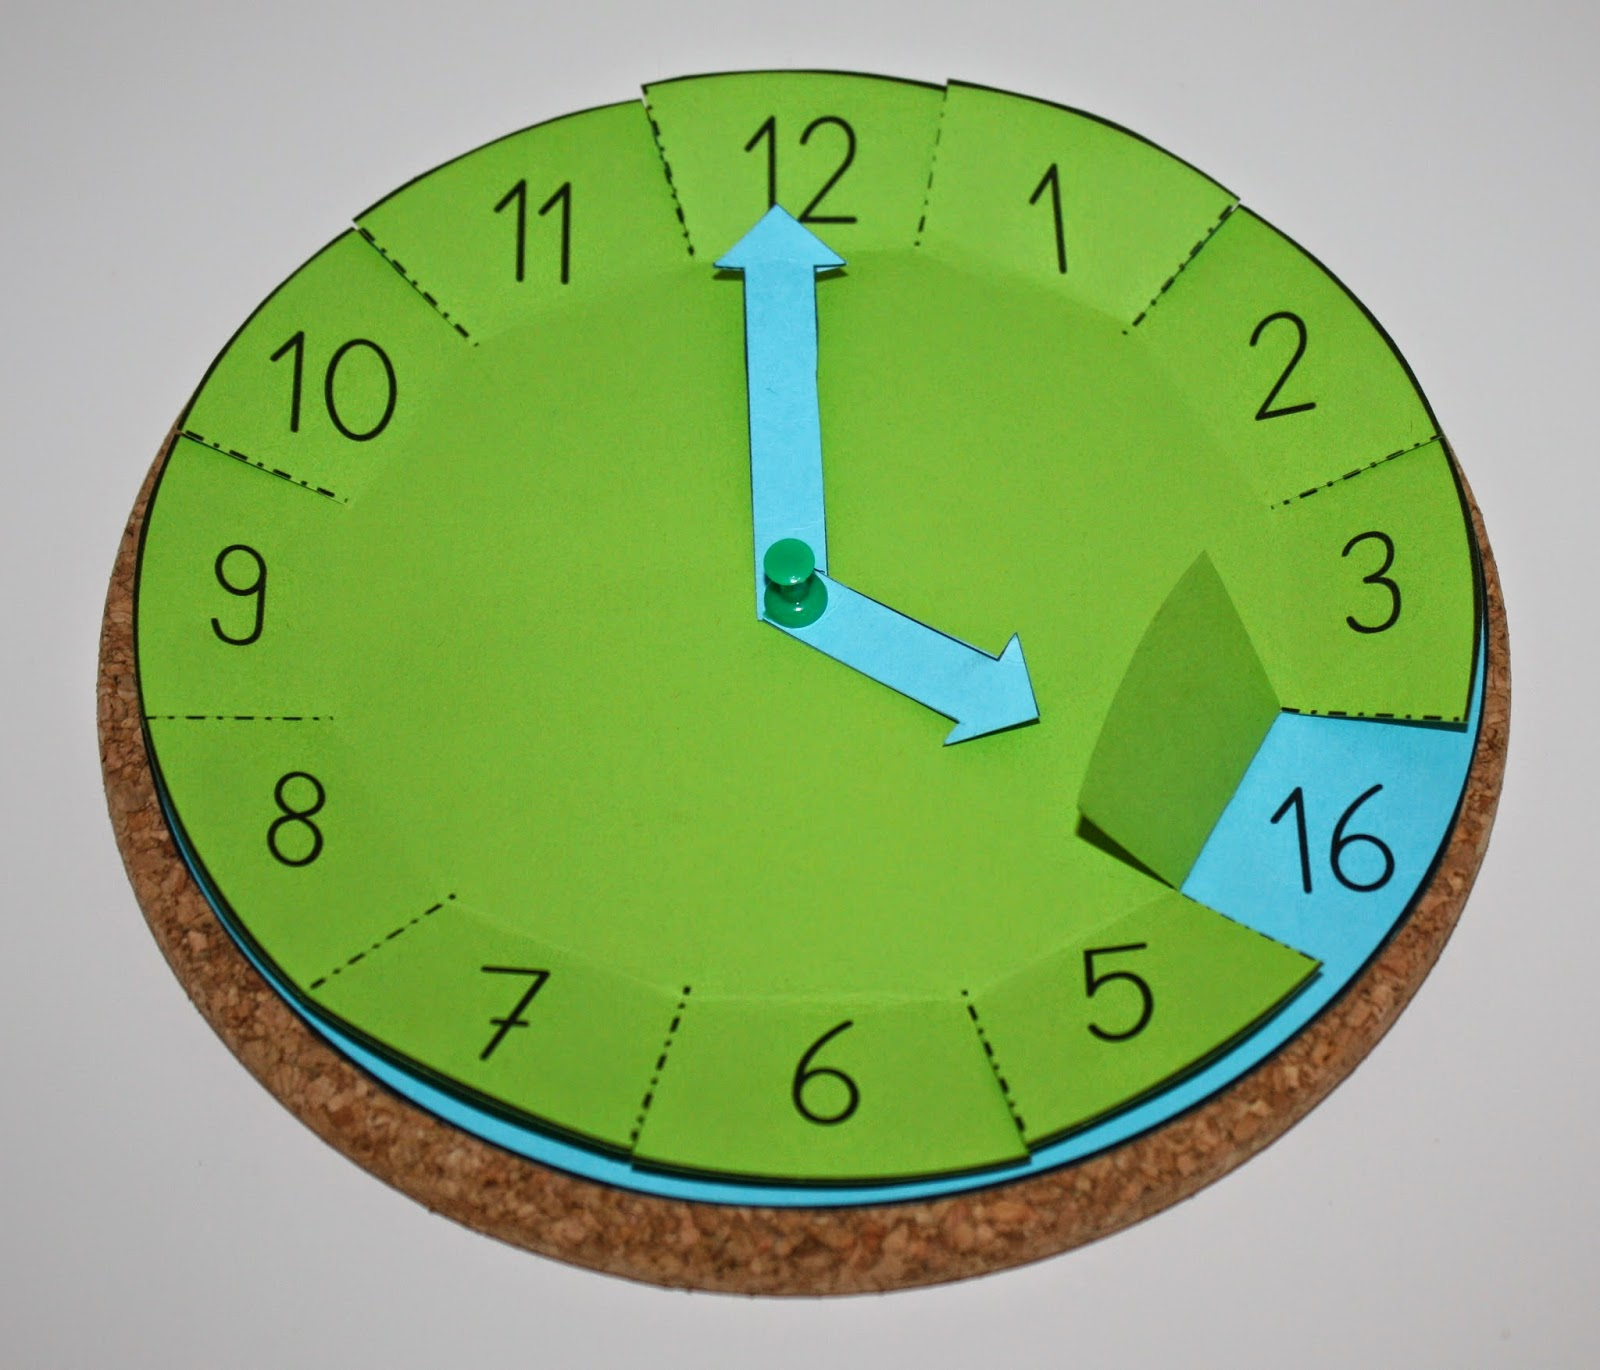 Englisch Arbeitsblatt Uhr Uhr Bastelvorlage Klassenkunst